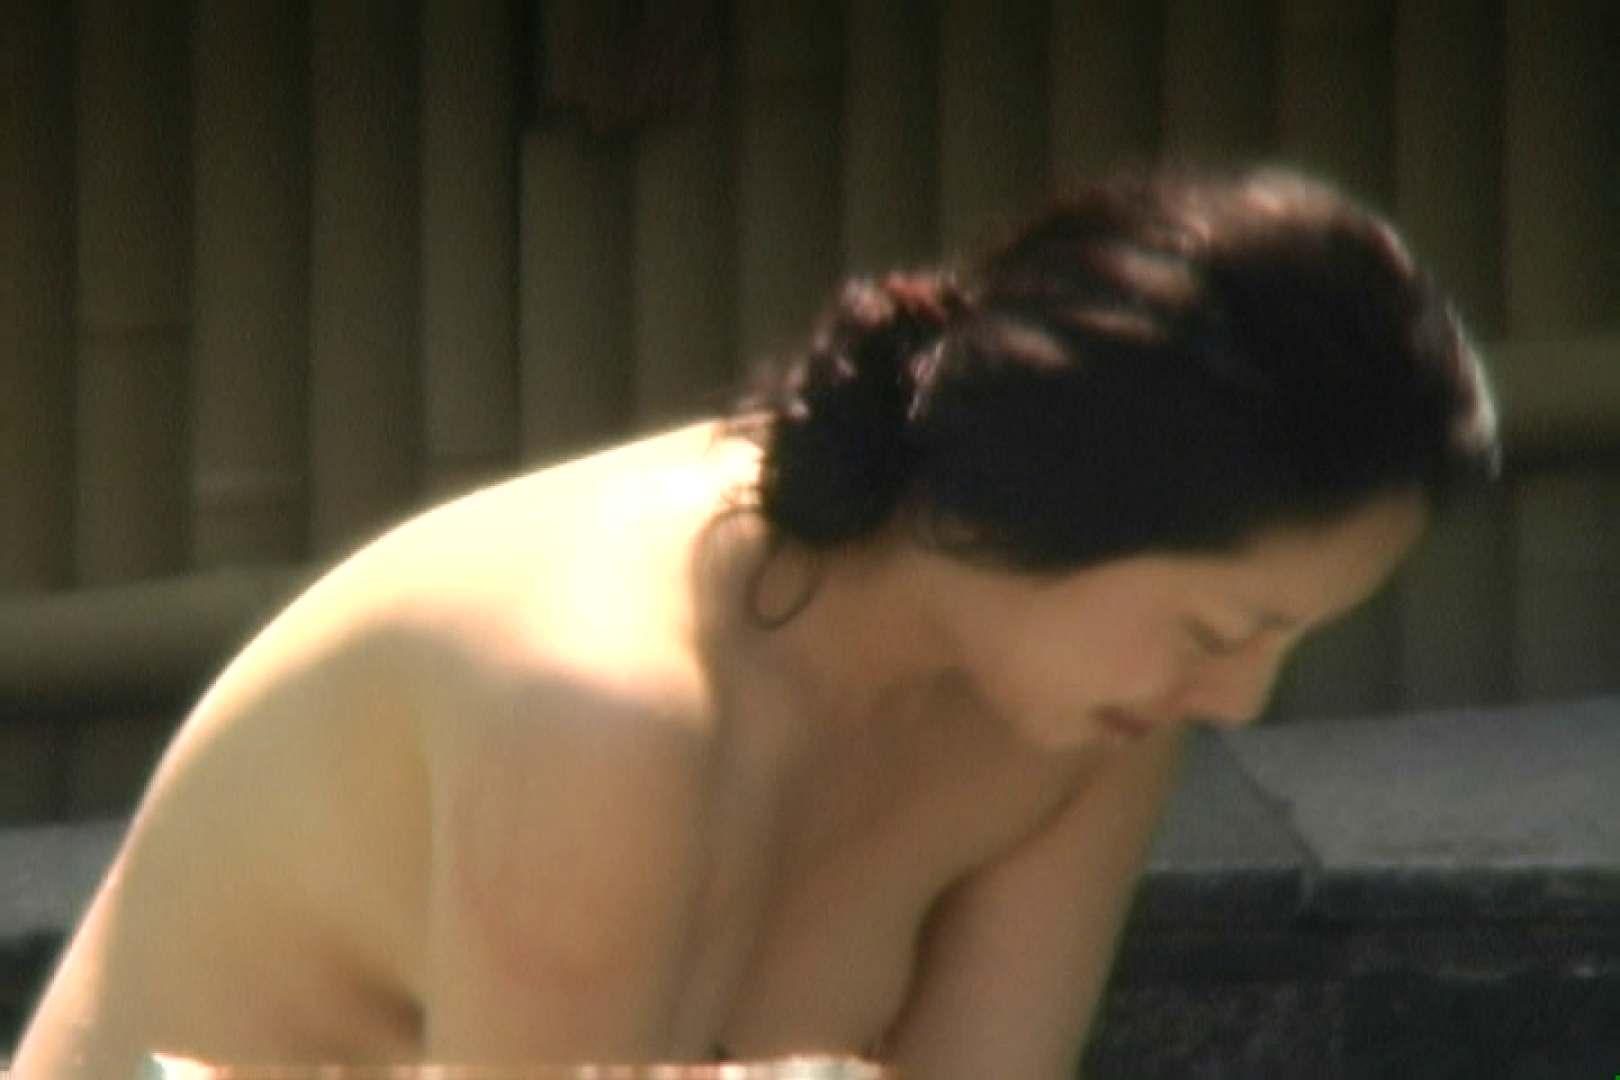 高画質露天女風呂観察 vol.002 露天風呂編 エロ画像 106PIX 80